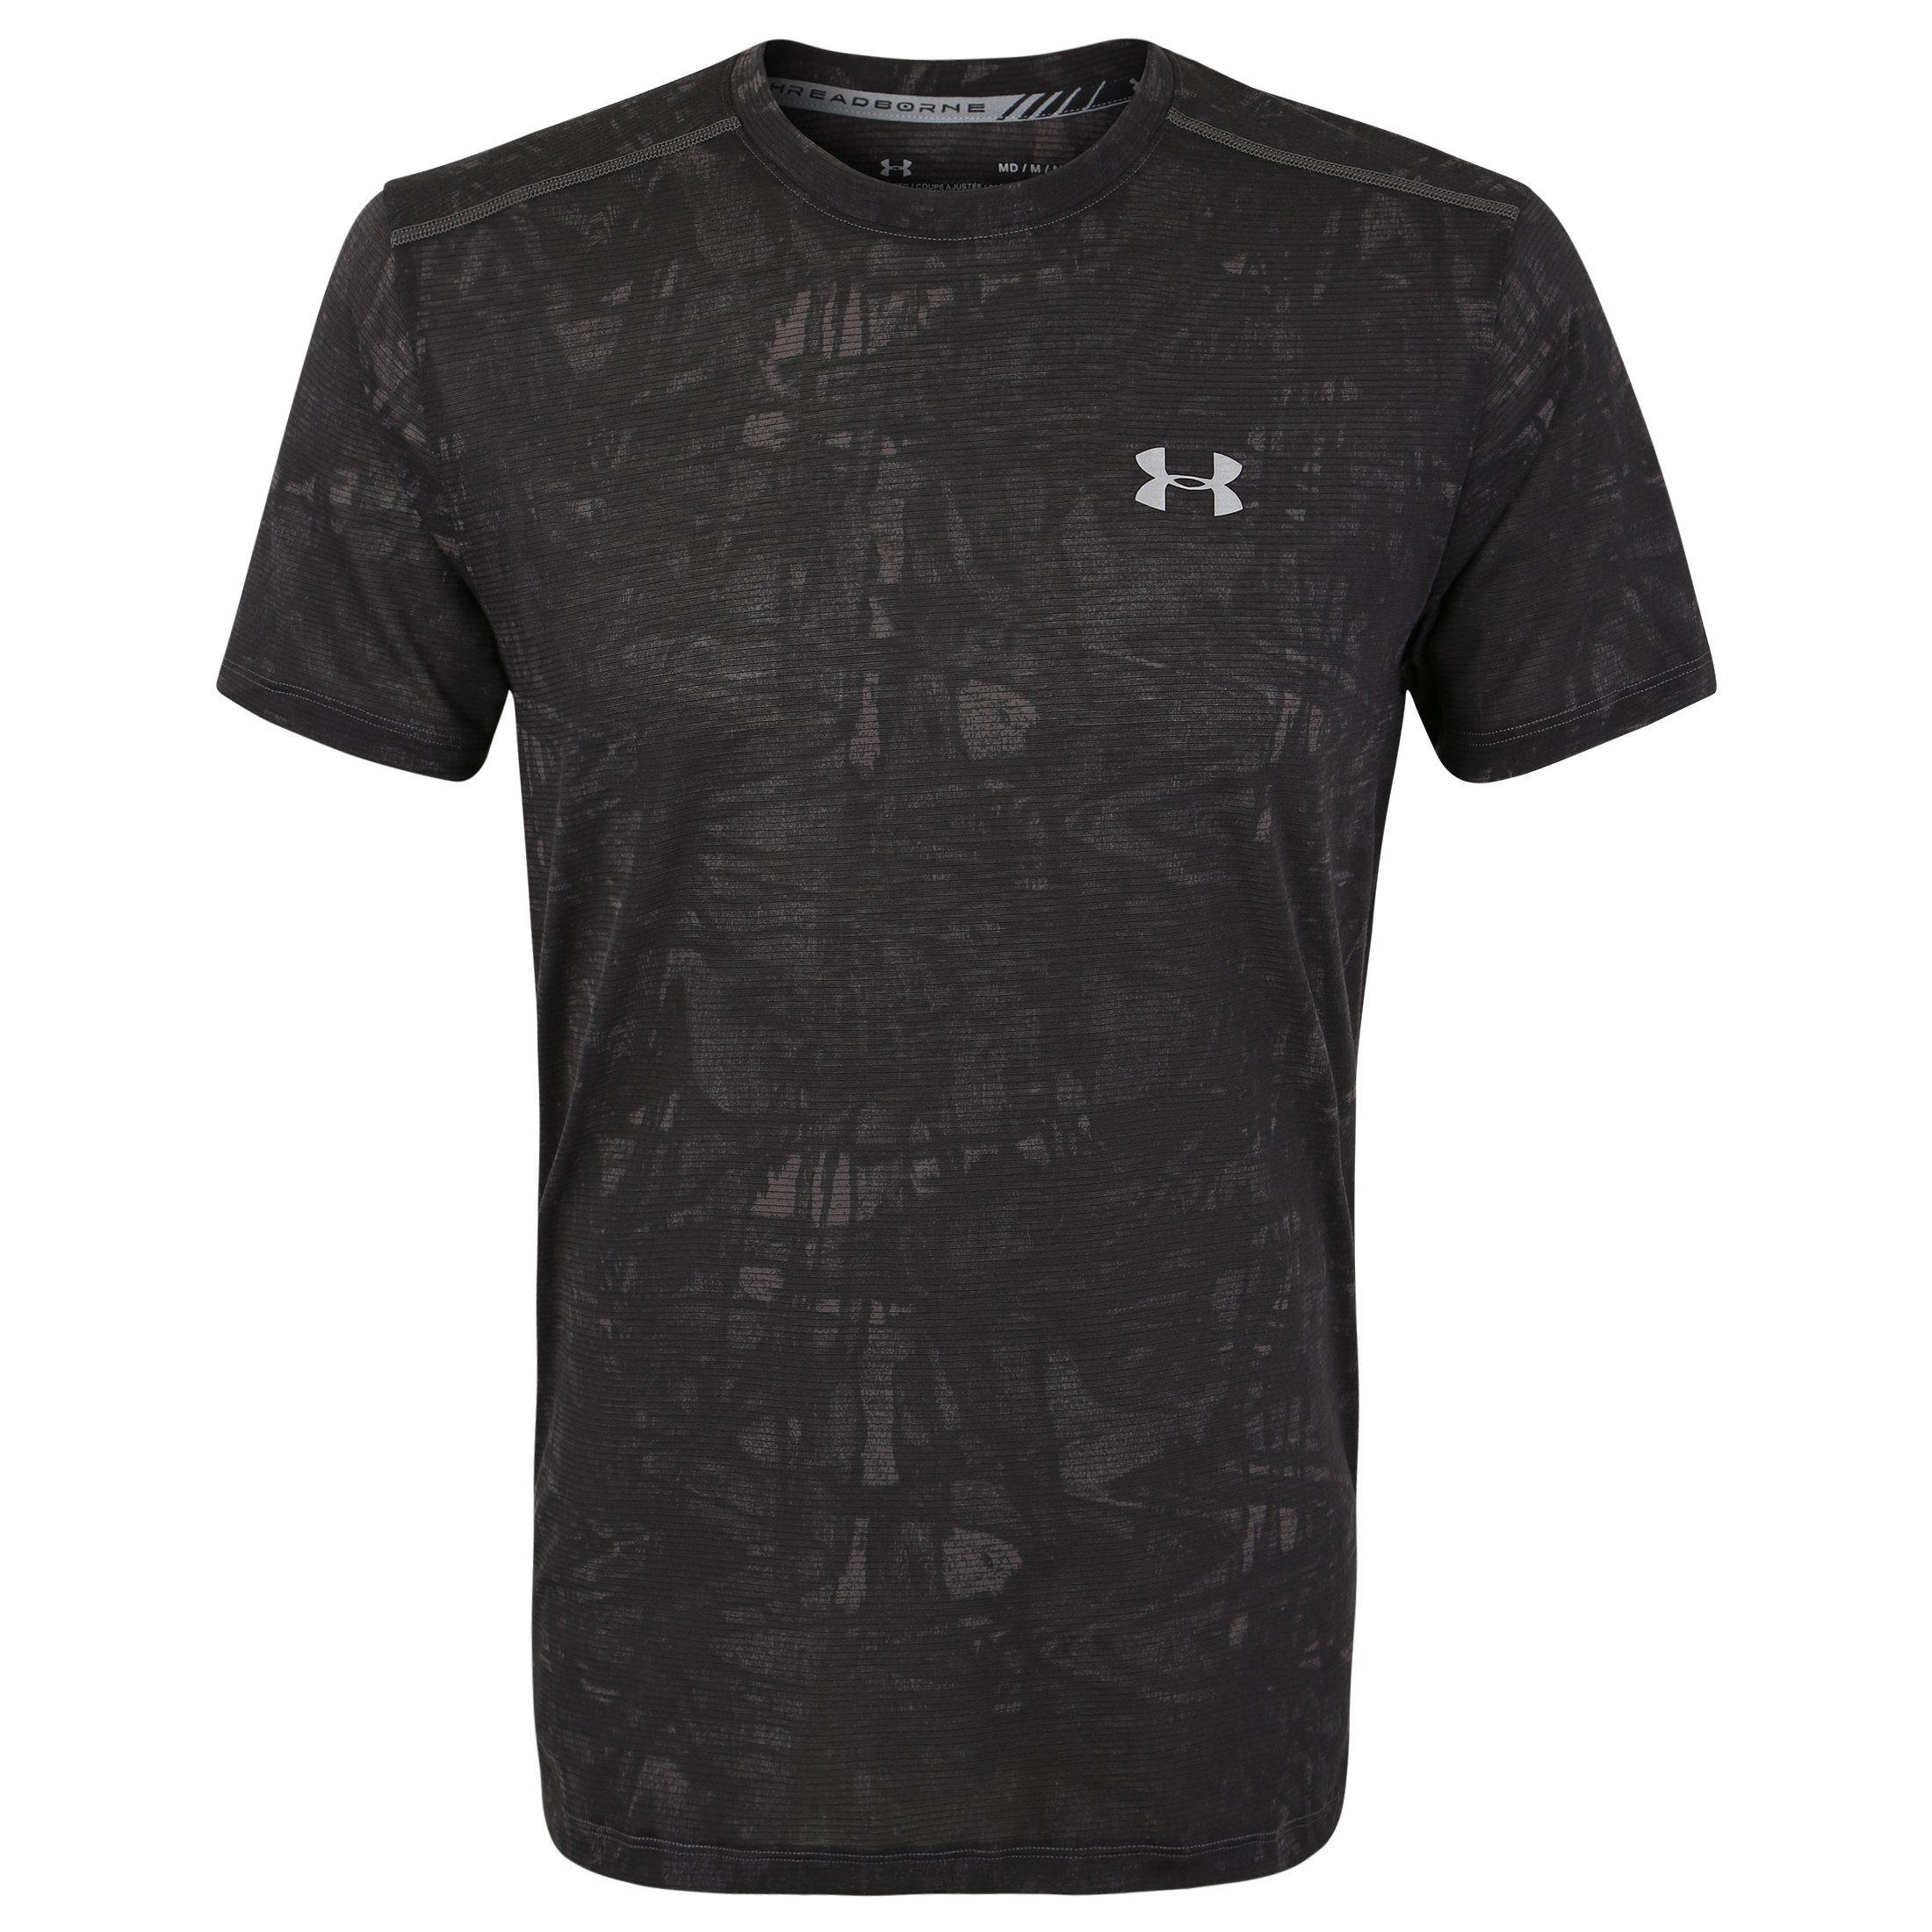 Under Armour® Laufshirt »Heatgear Streaker« | Sportbekleidung > Sportshirts > Laufshirts | Grau | UNDER ARMOUR®